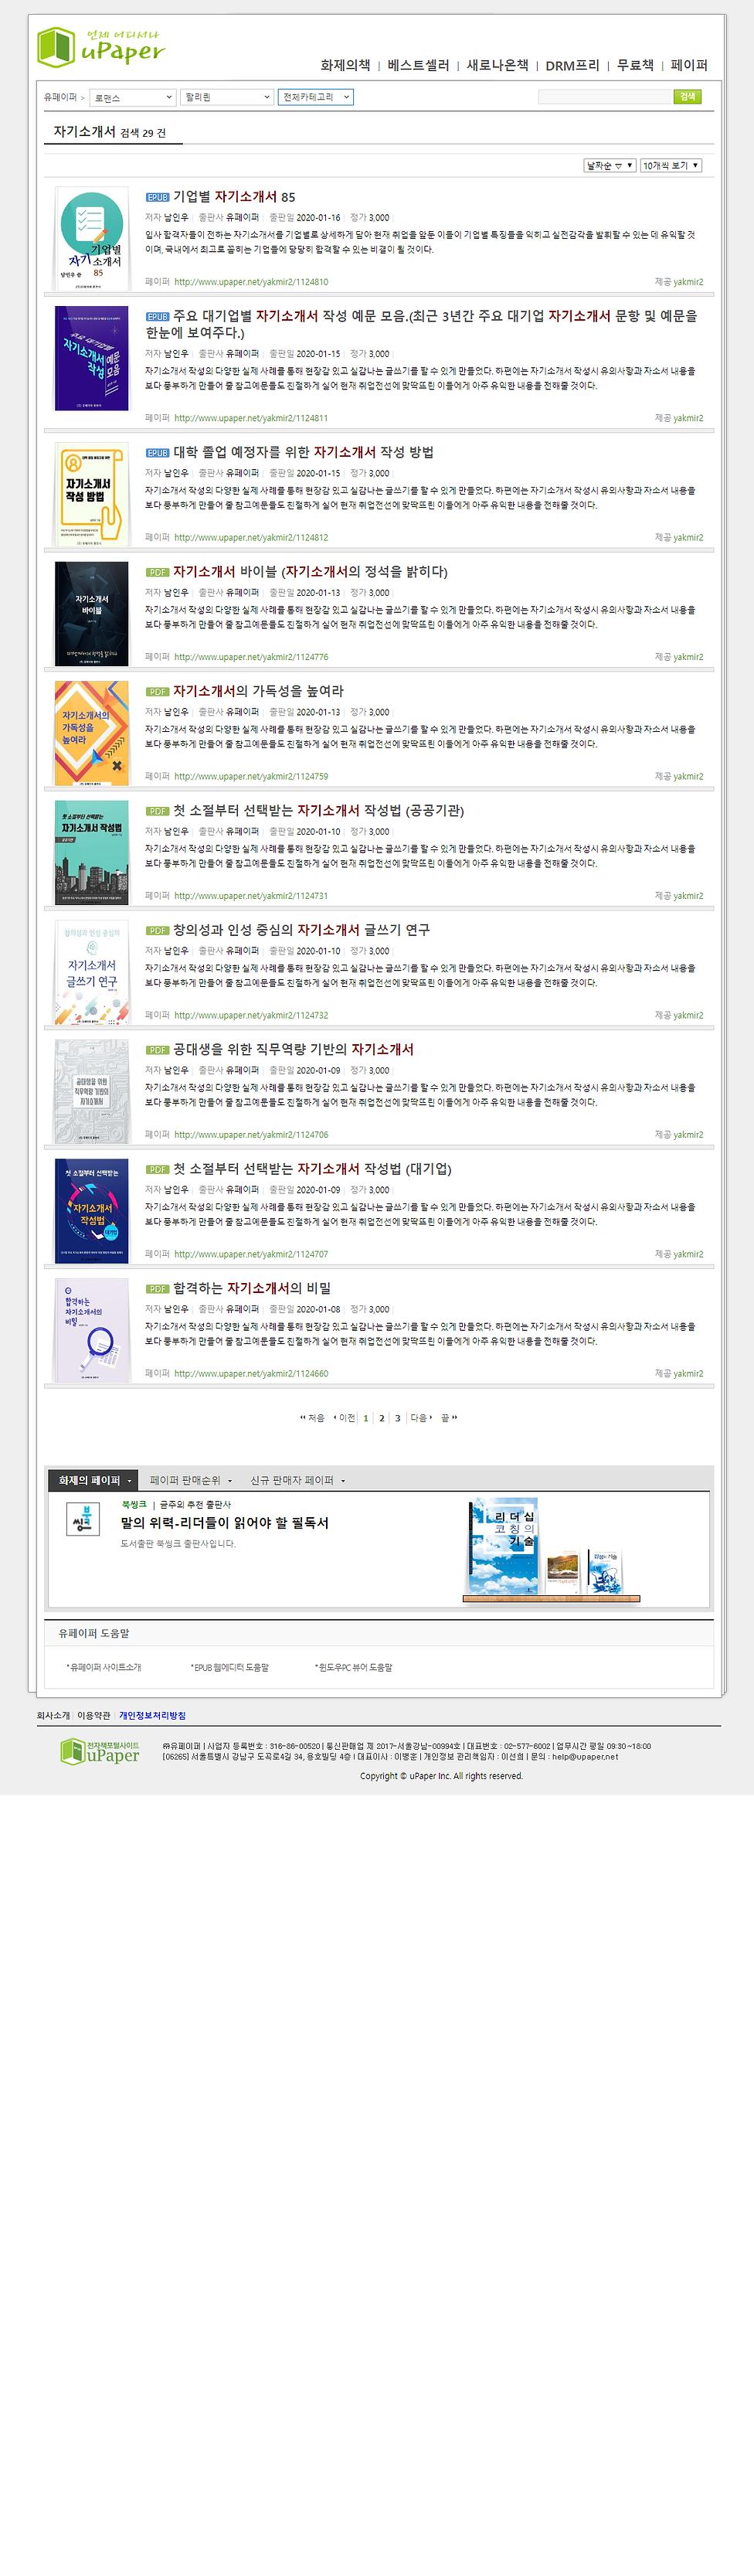 유페이퍼 1위-25위 자기소개서,구글 주요뉴스 등재,남인우,교수,이력서,